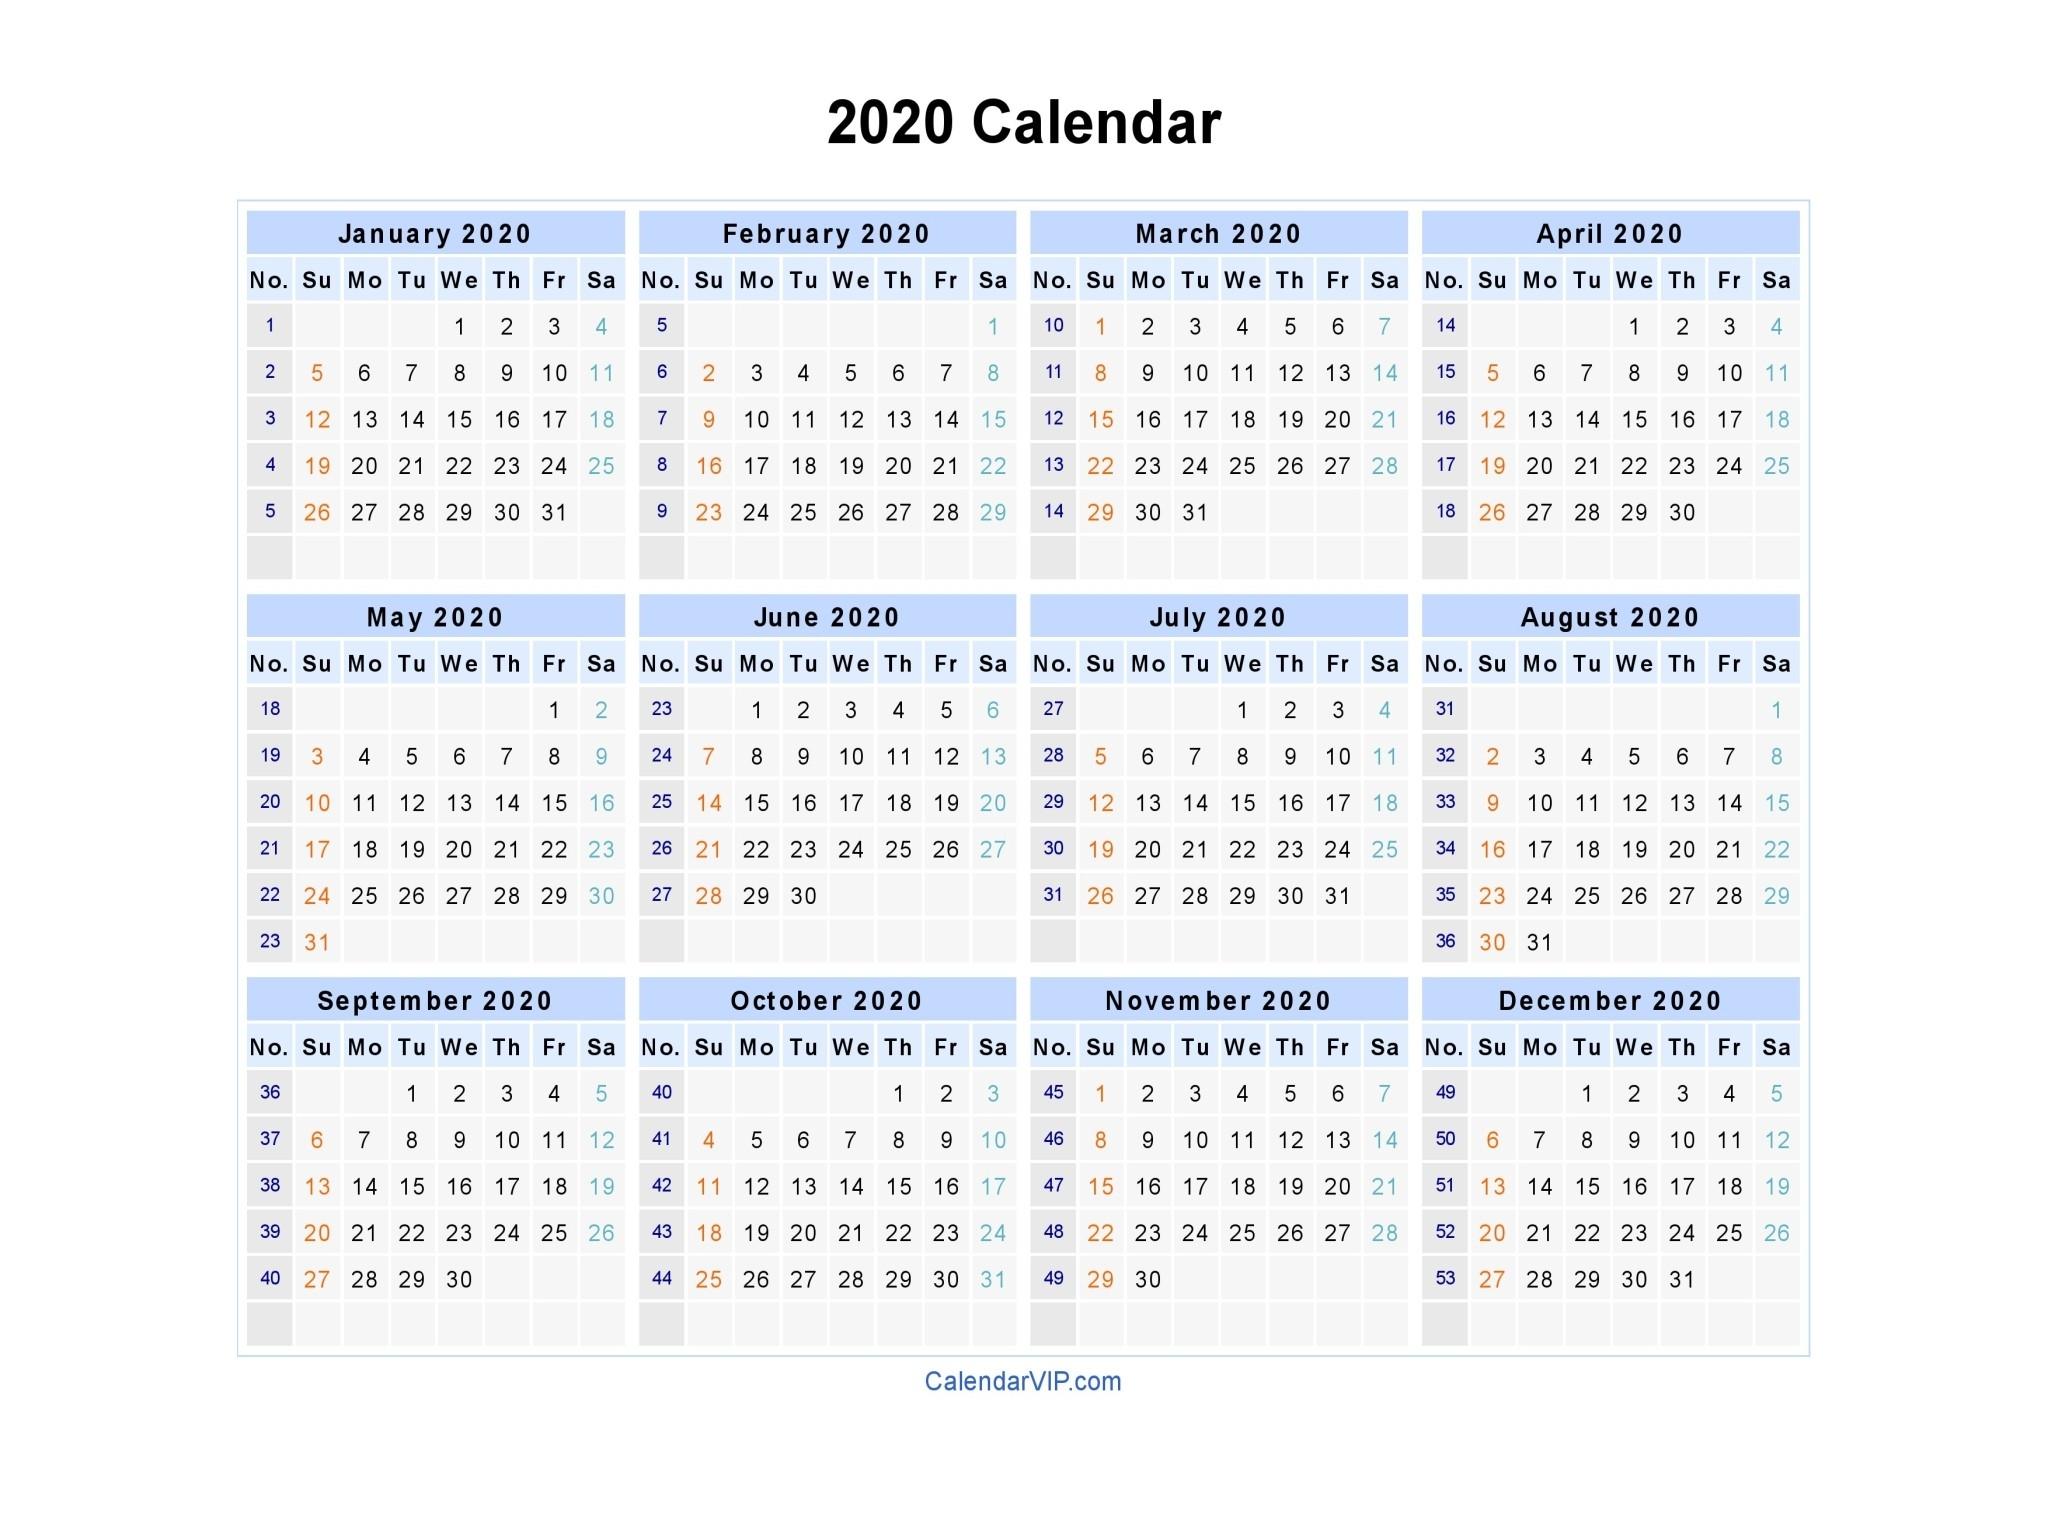 2020 Calendar - Blank Printable Calendar Template In Pdf-Calendar Templates 2020 Week Numbers